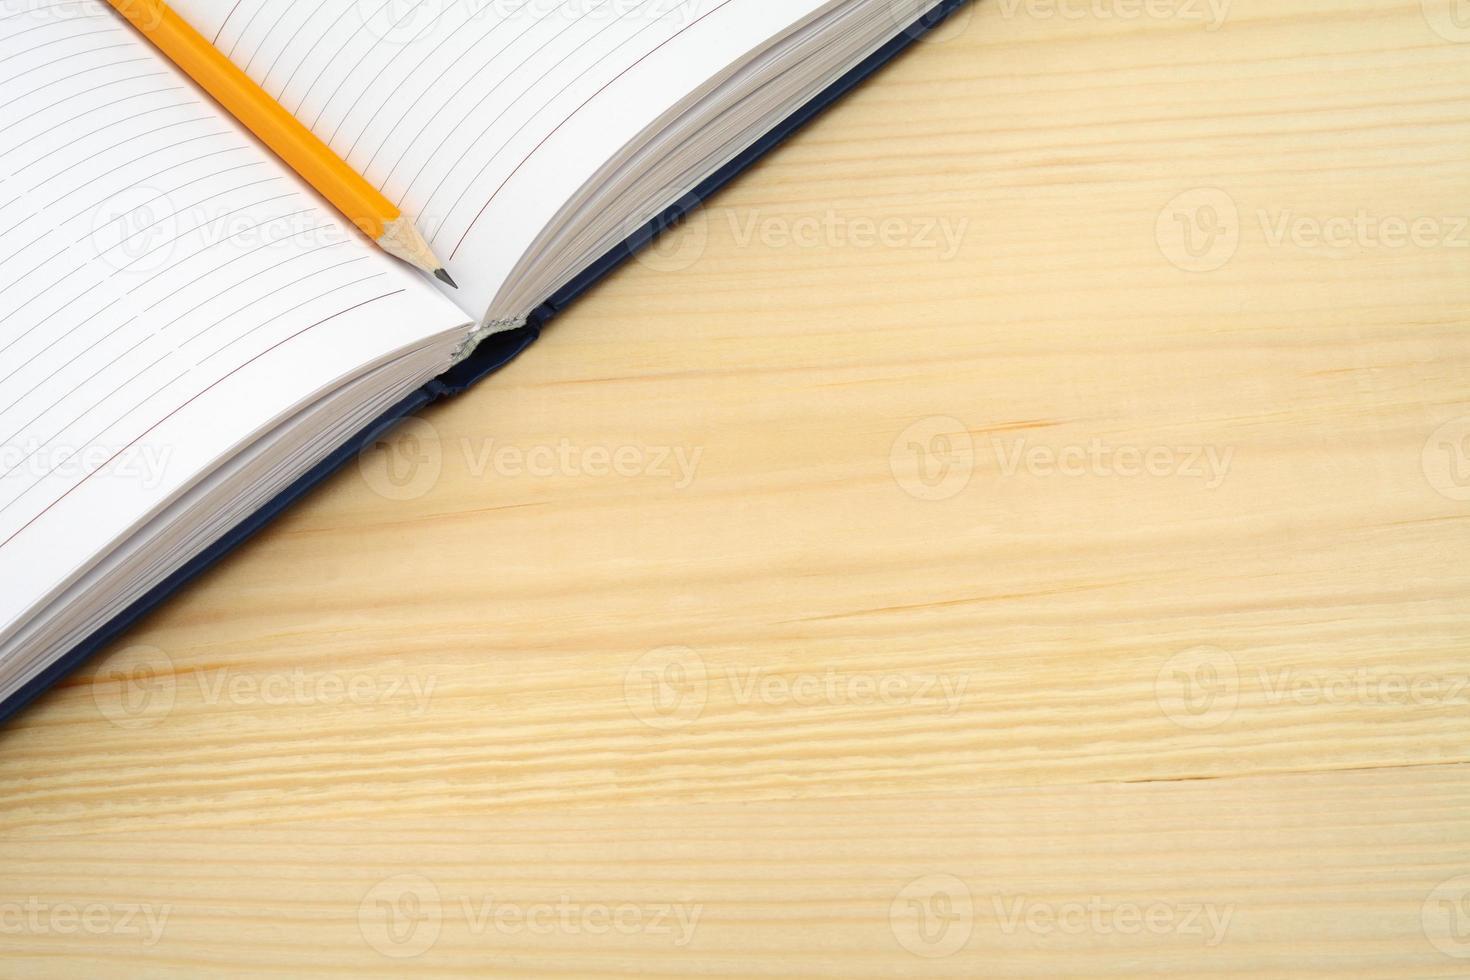 Tagebuch und Bleistift auf Holztisch mit freiem Textraum. foto